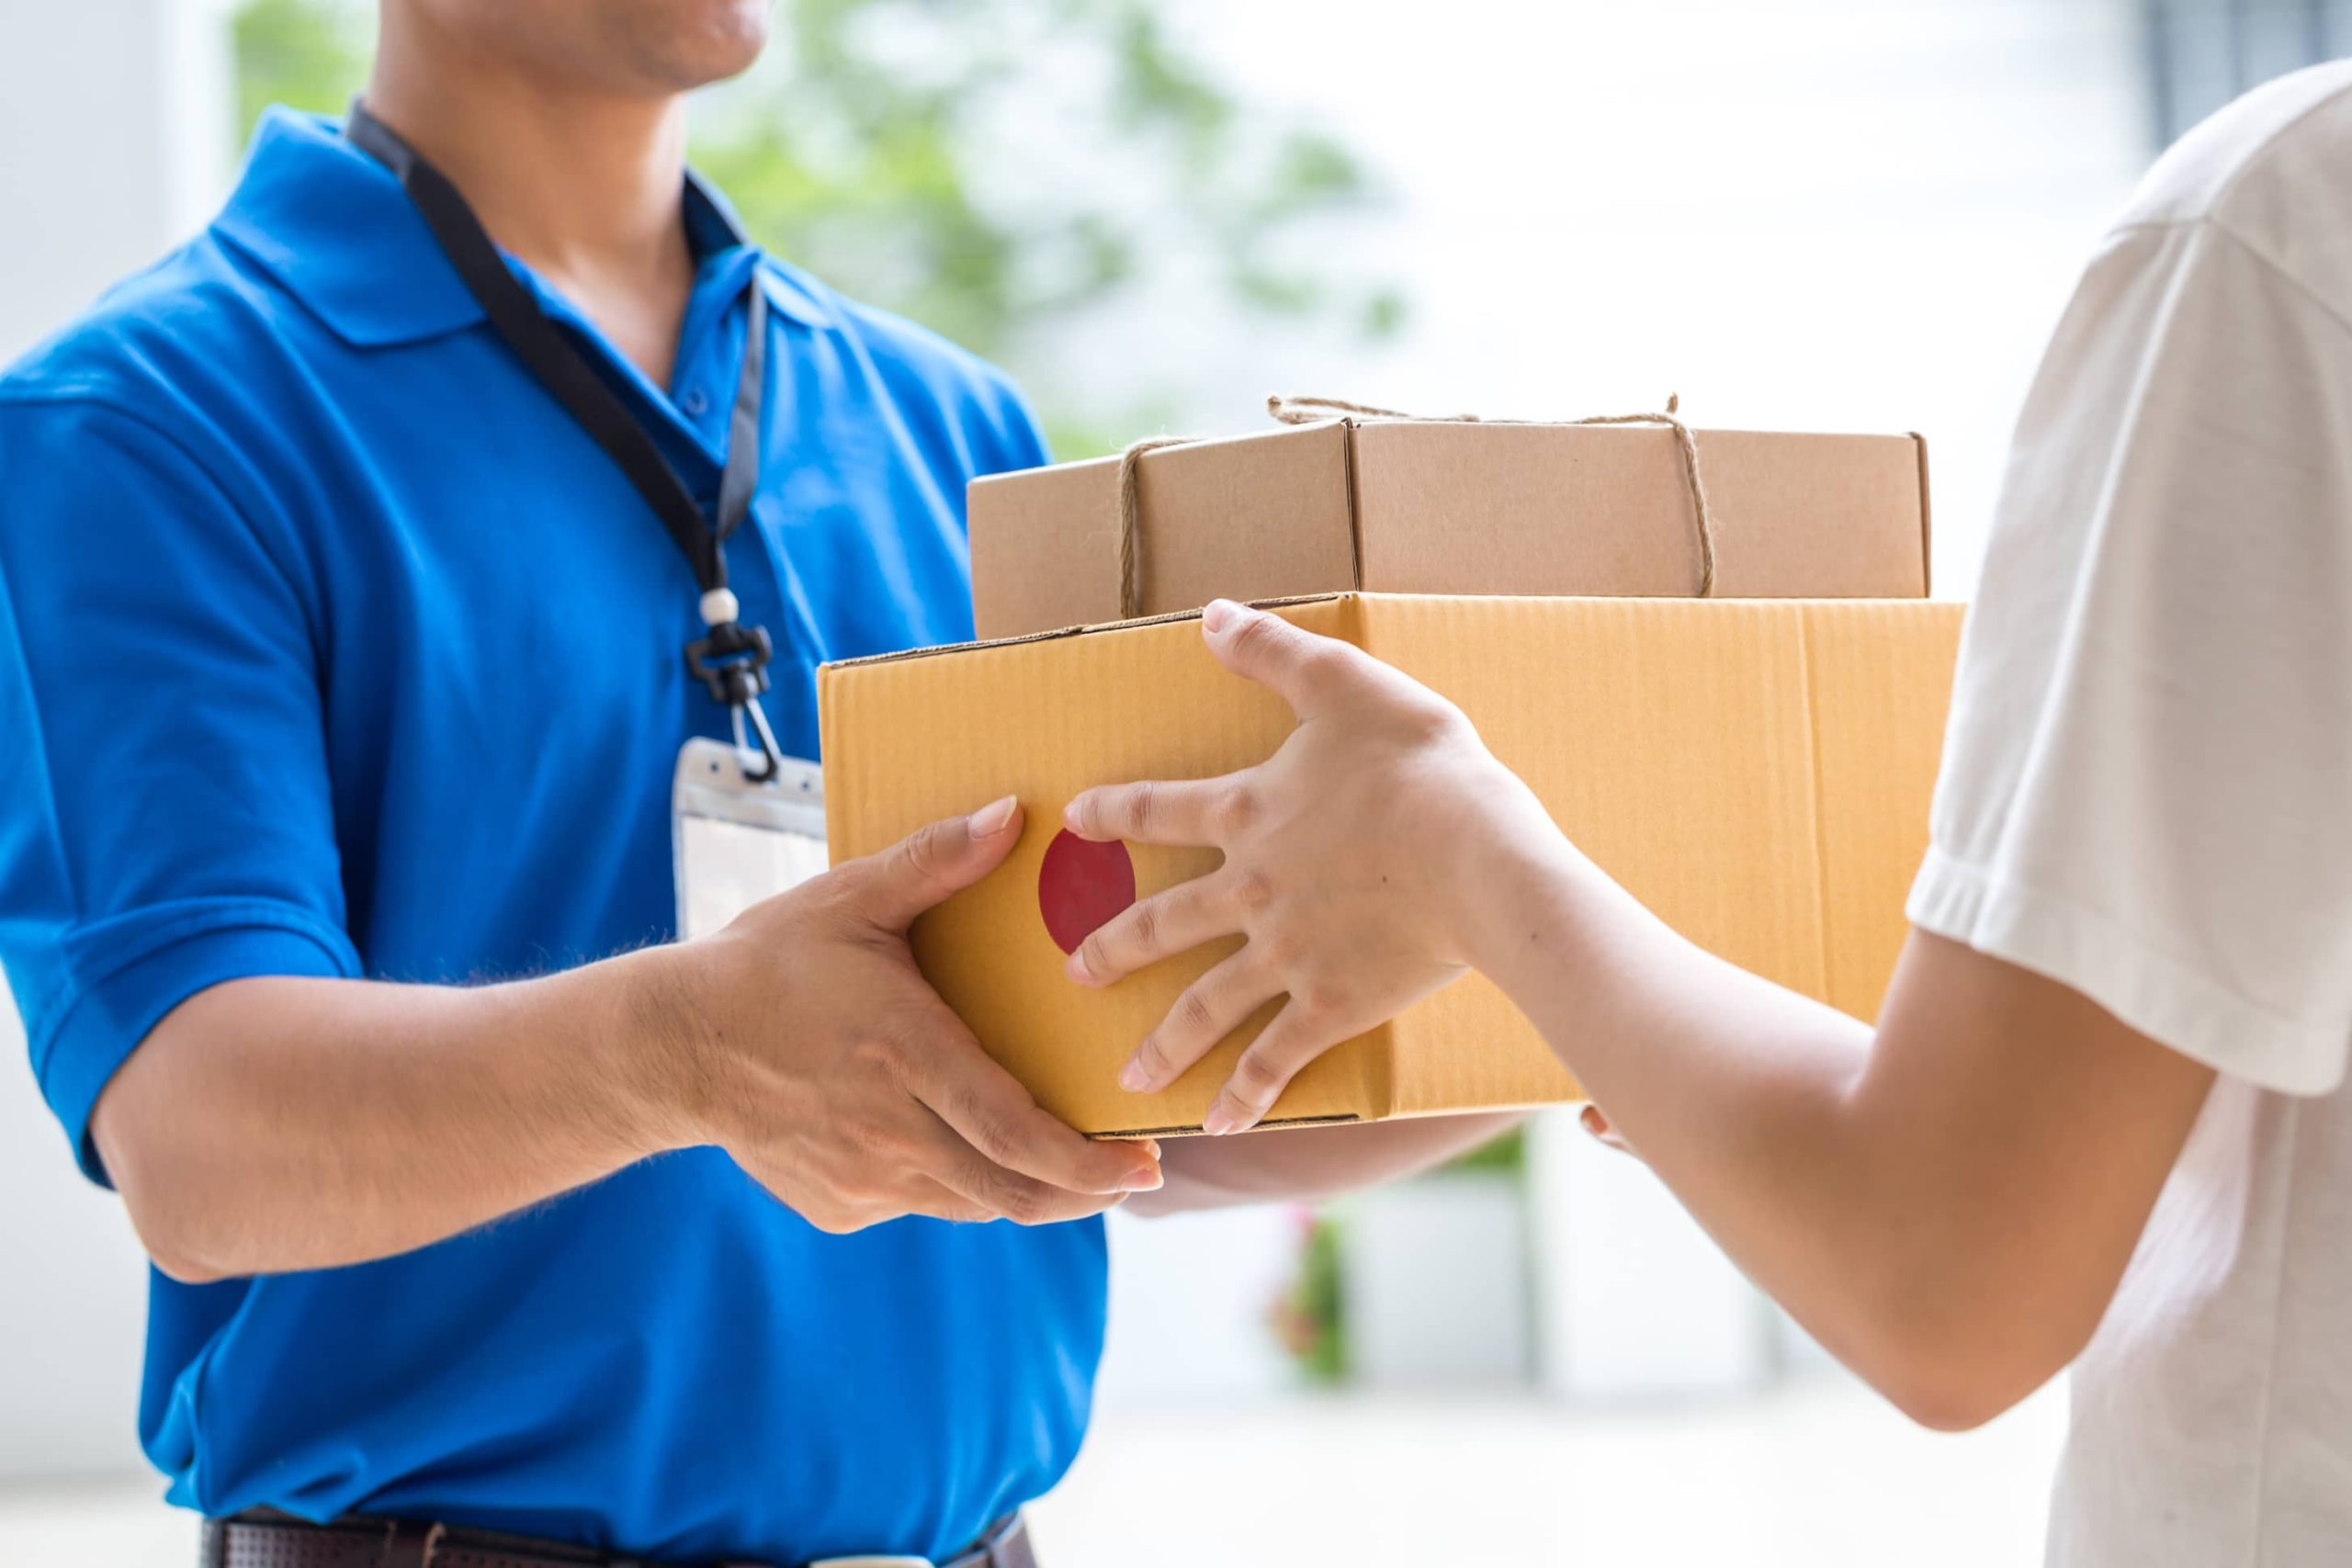 службы доставки показывают взрывной рост бизнеса